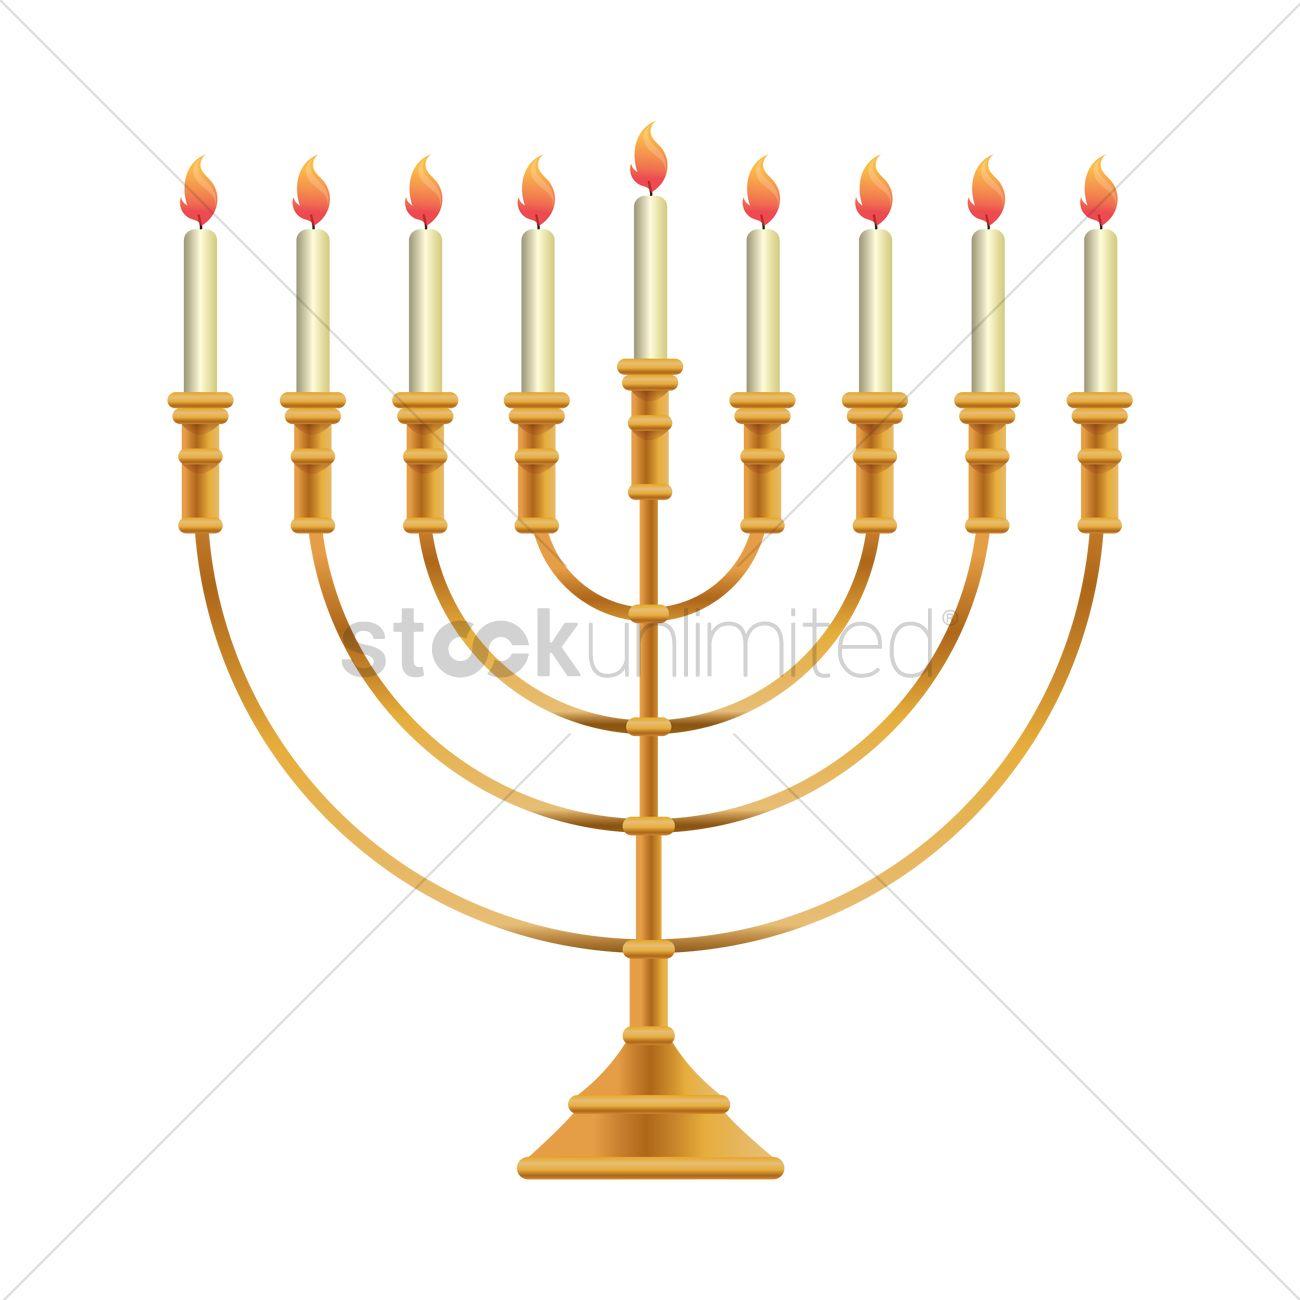 Hanukkah Menorah Drawing At Free For Personal Use Lighting Diagram 1300x1300 Vector Image